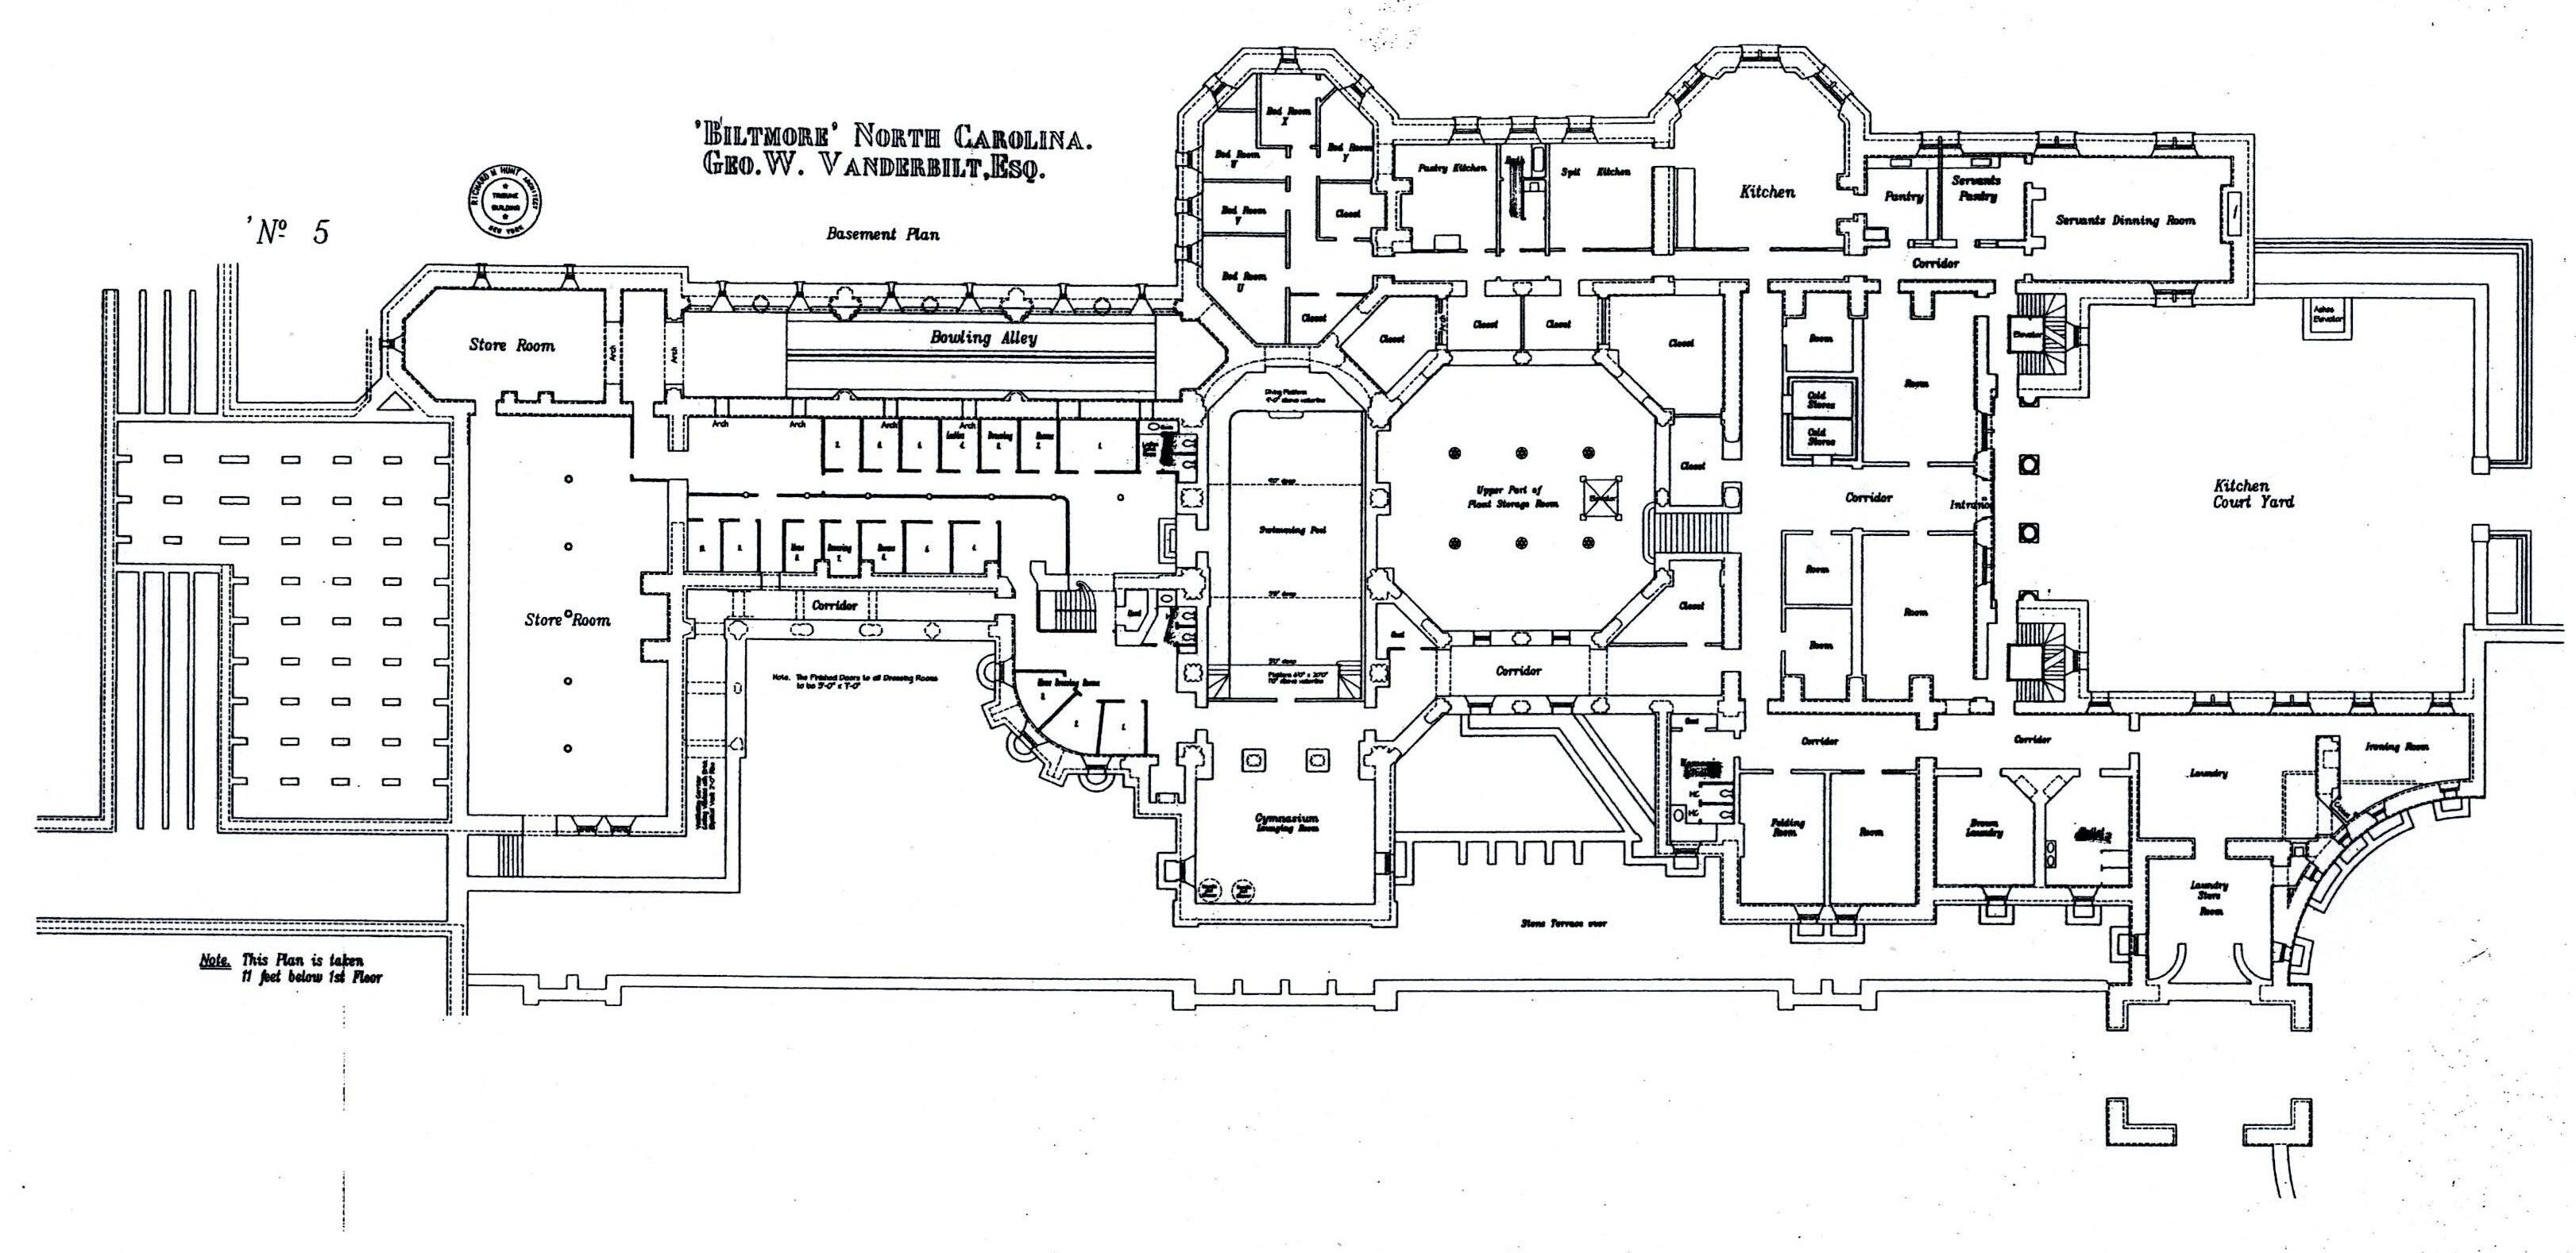 Biltmore House Basement Floorplan Biltmore House Basement Floor Plans House Floor Plans